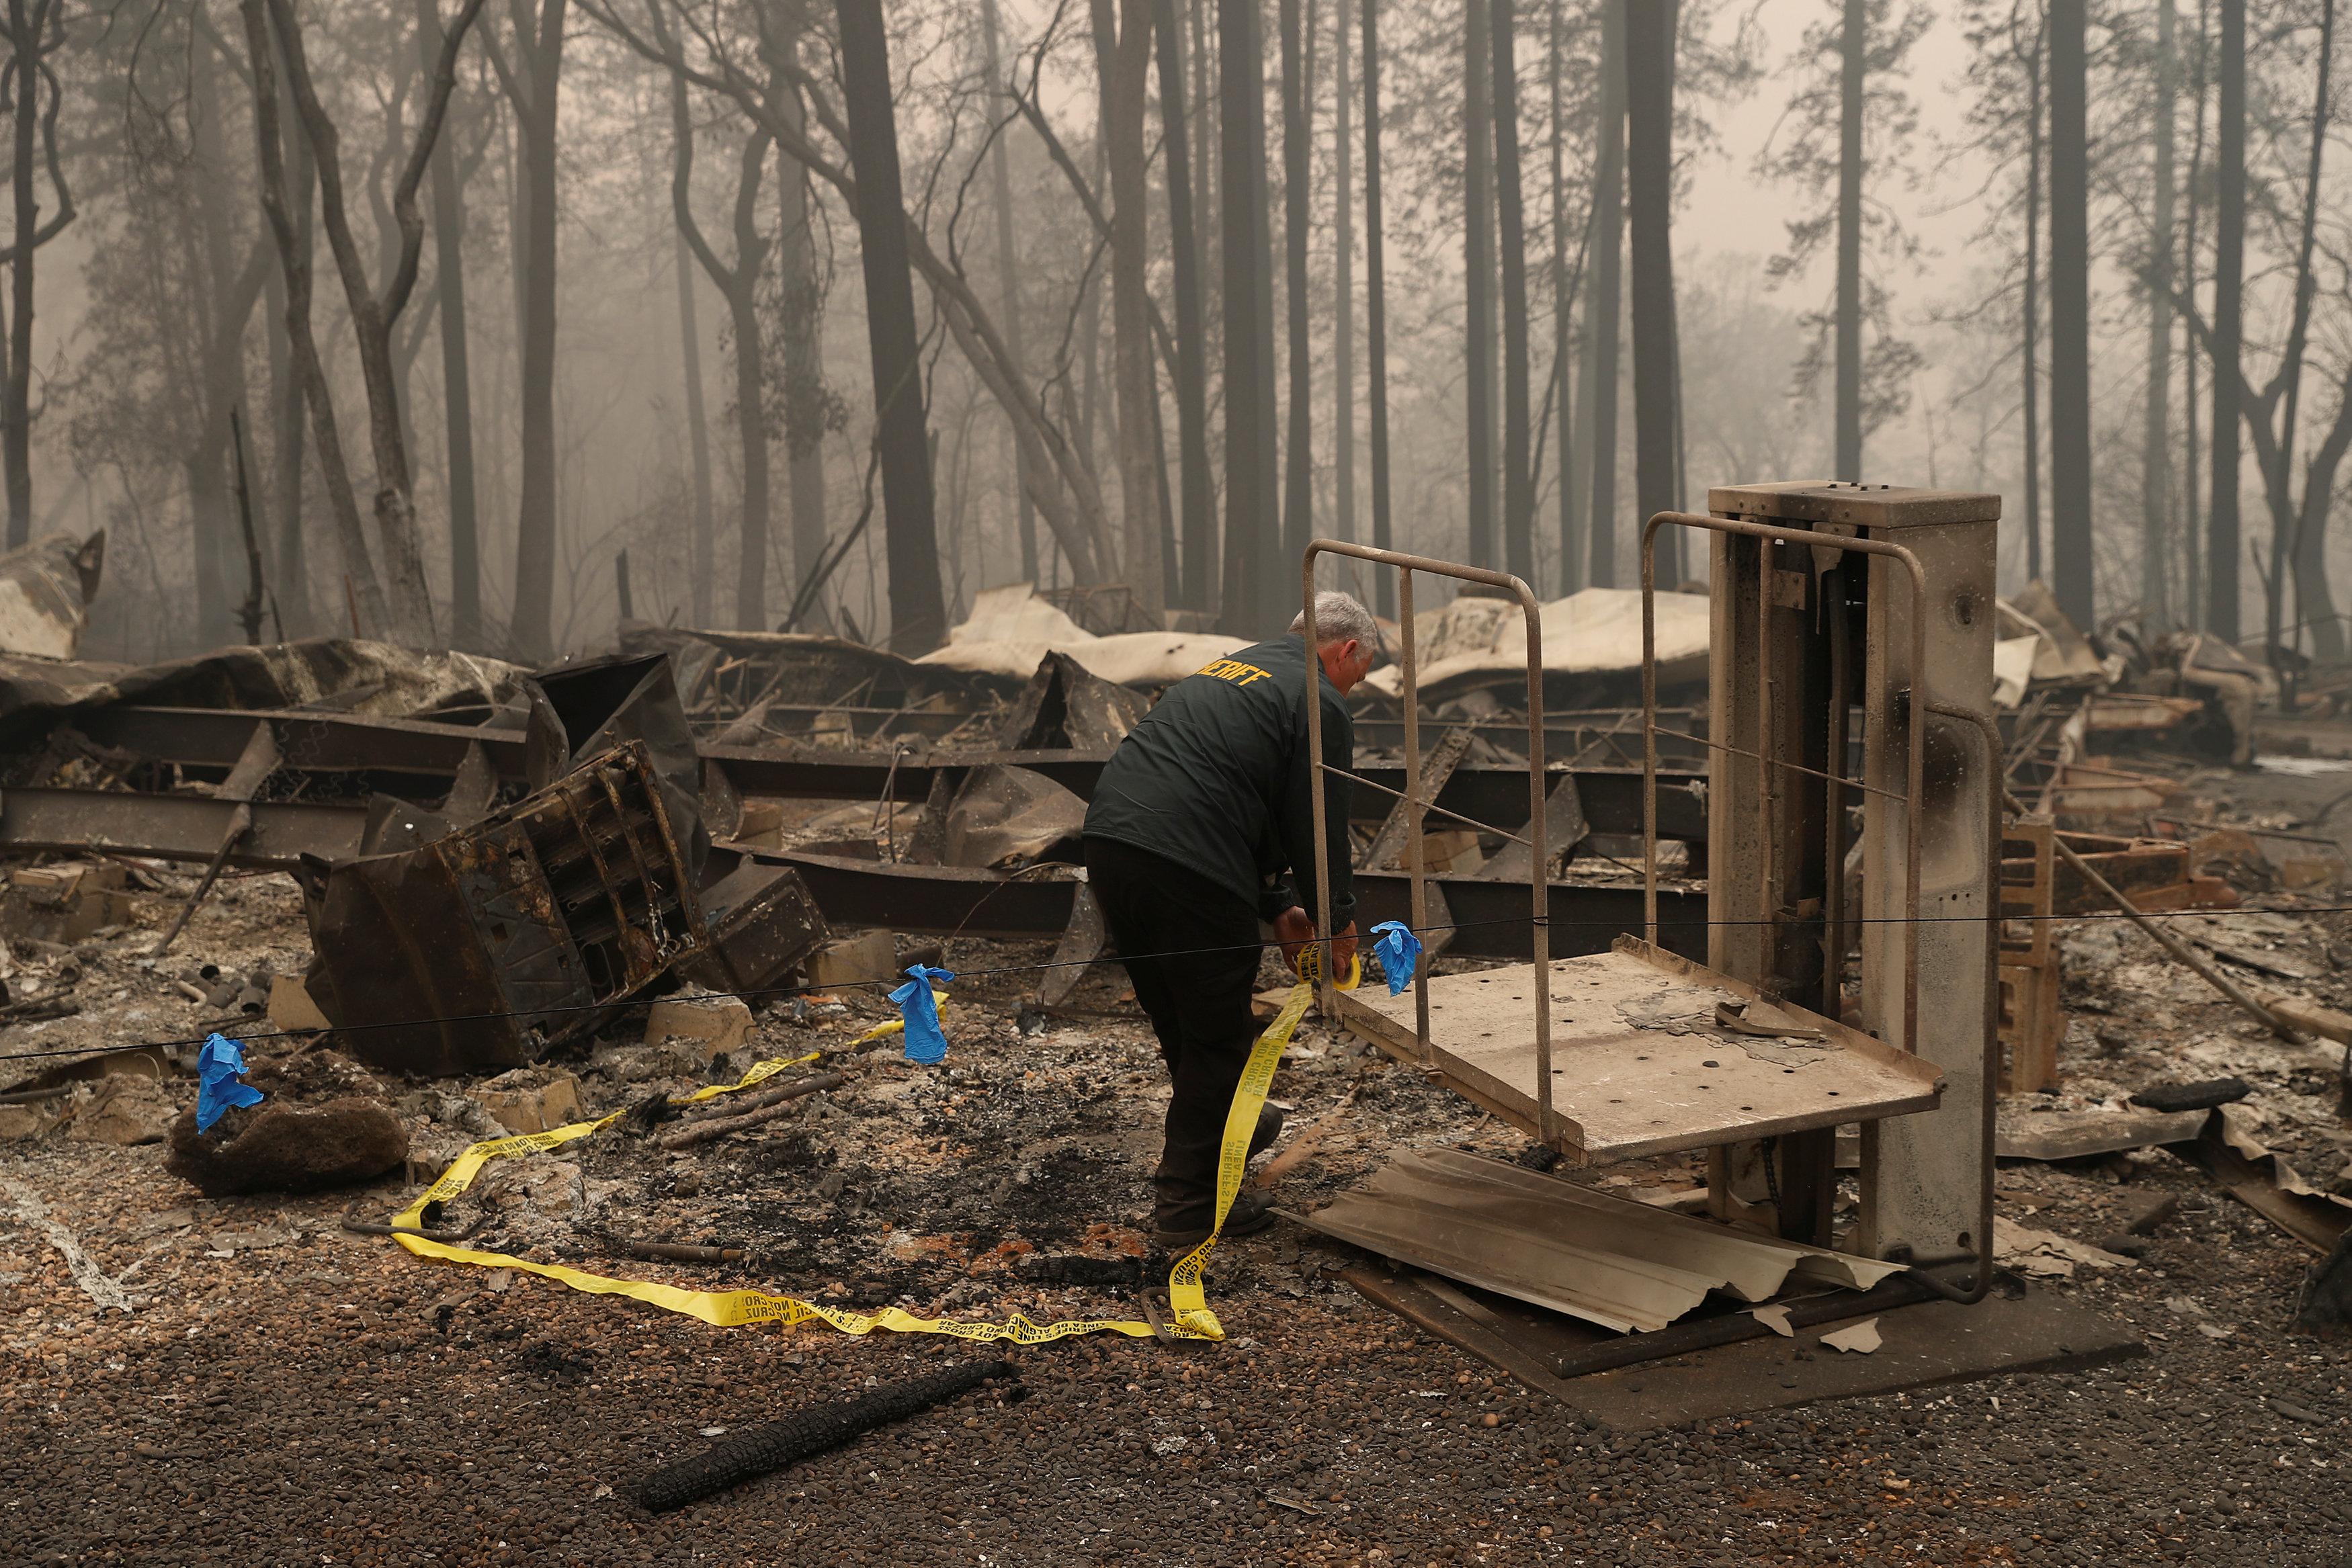 pyrini-kolasi-stin-kalifornia-25-nekroi-amp-8211-anypologistes-katastrofes-fotografies5